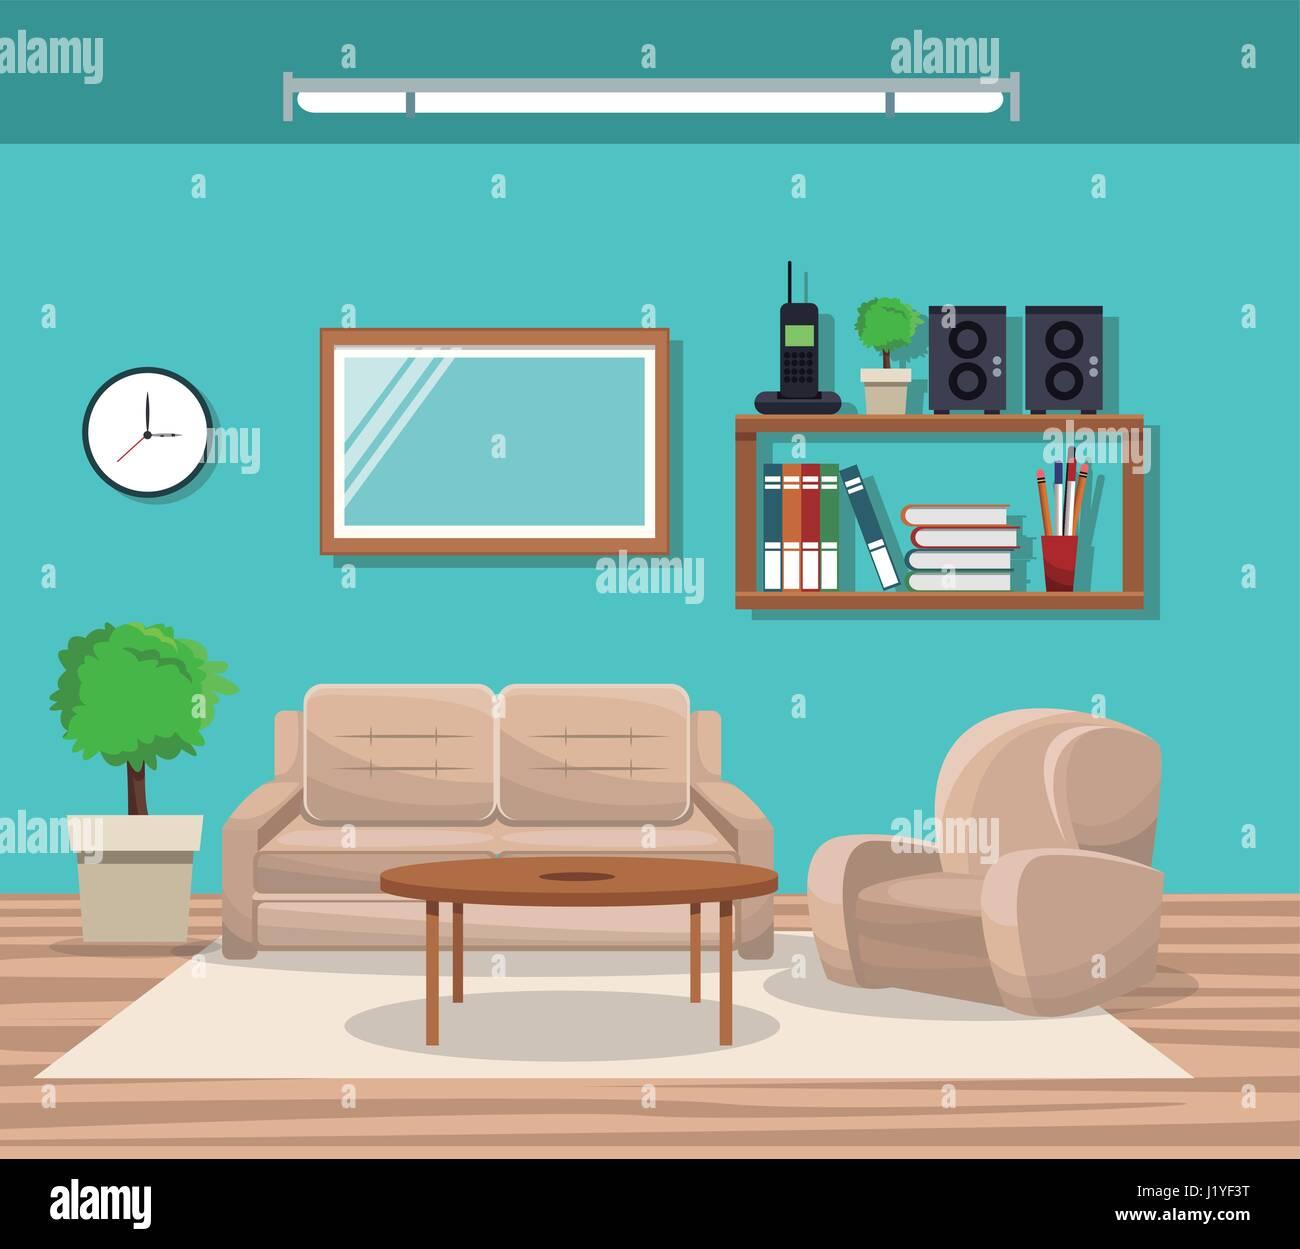 Lieblich Wohnzimmer Mit Sofa Stuhl Topf Baum Telefon Bücherregal Spiegel Tisch